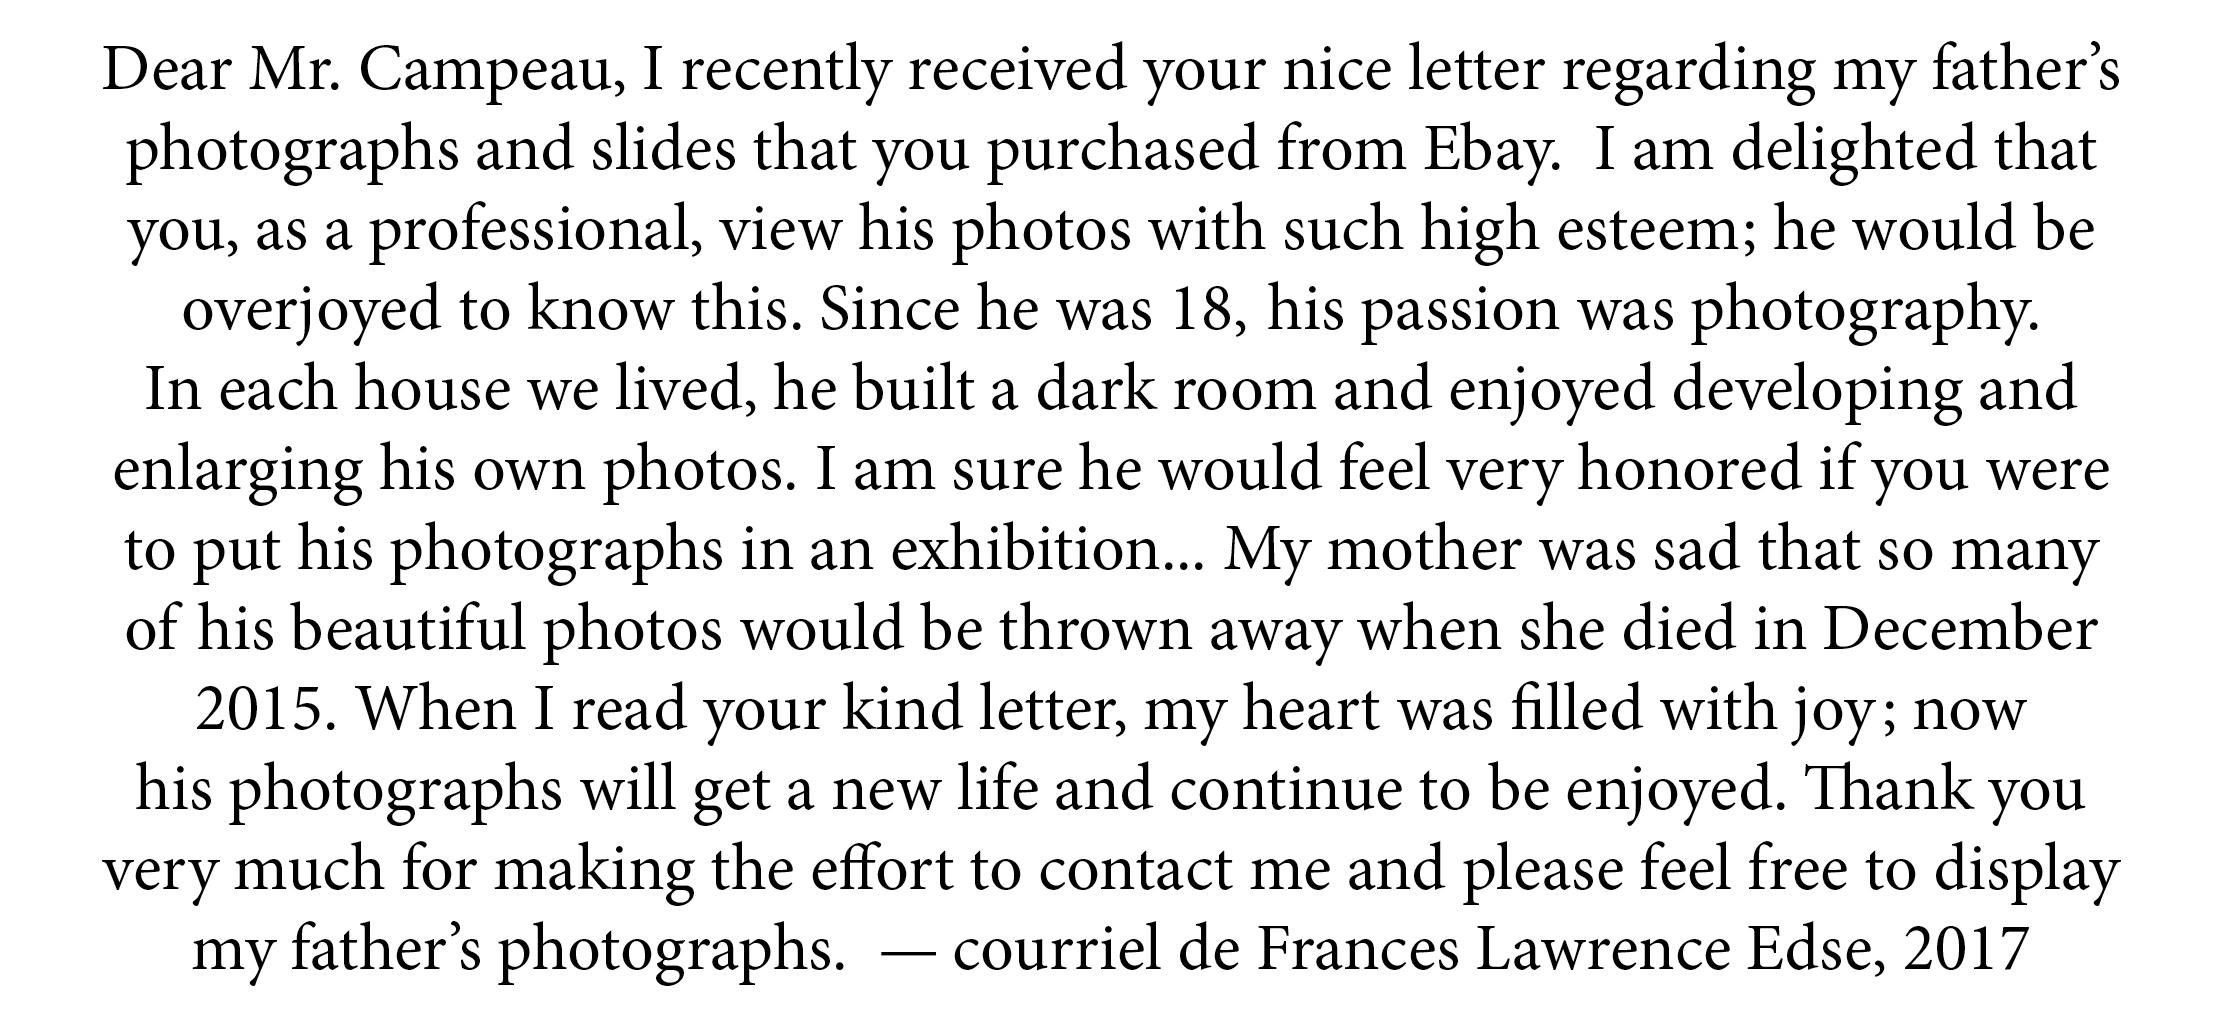 Texte courriel de Frances Lawrence Edse à propos de la publication des photographies de son père Rudolph Edse